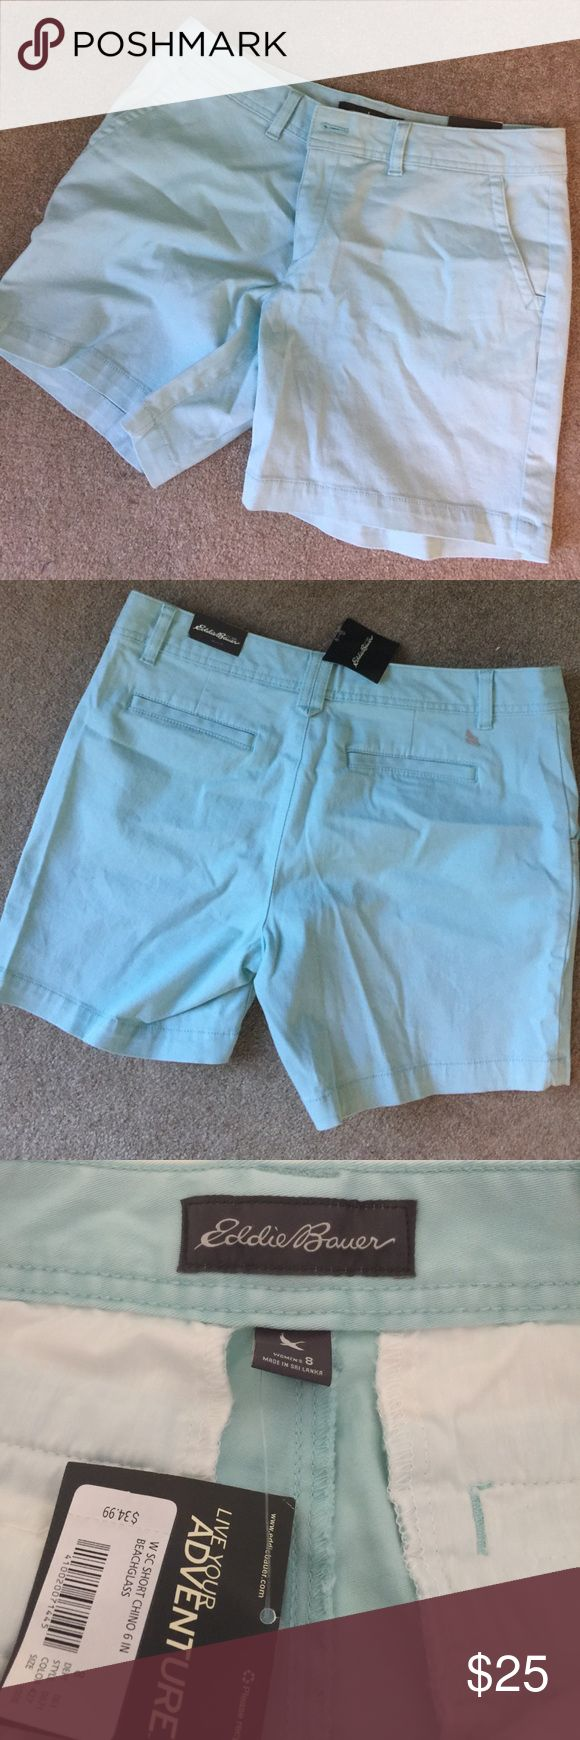 Light blue Eddie Bauer shorts. NWT Slightly curvy fit. 98% cotton 2% spandex. 5 1/2 inch inseam. SD Eddie Bauer Shorts